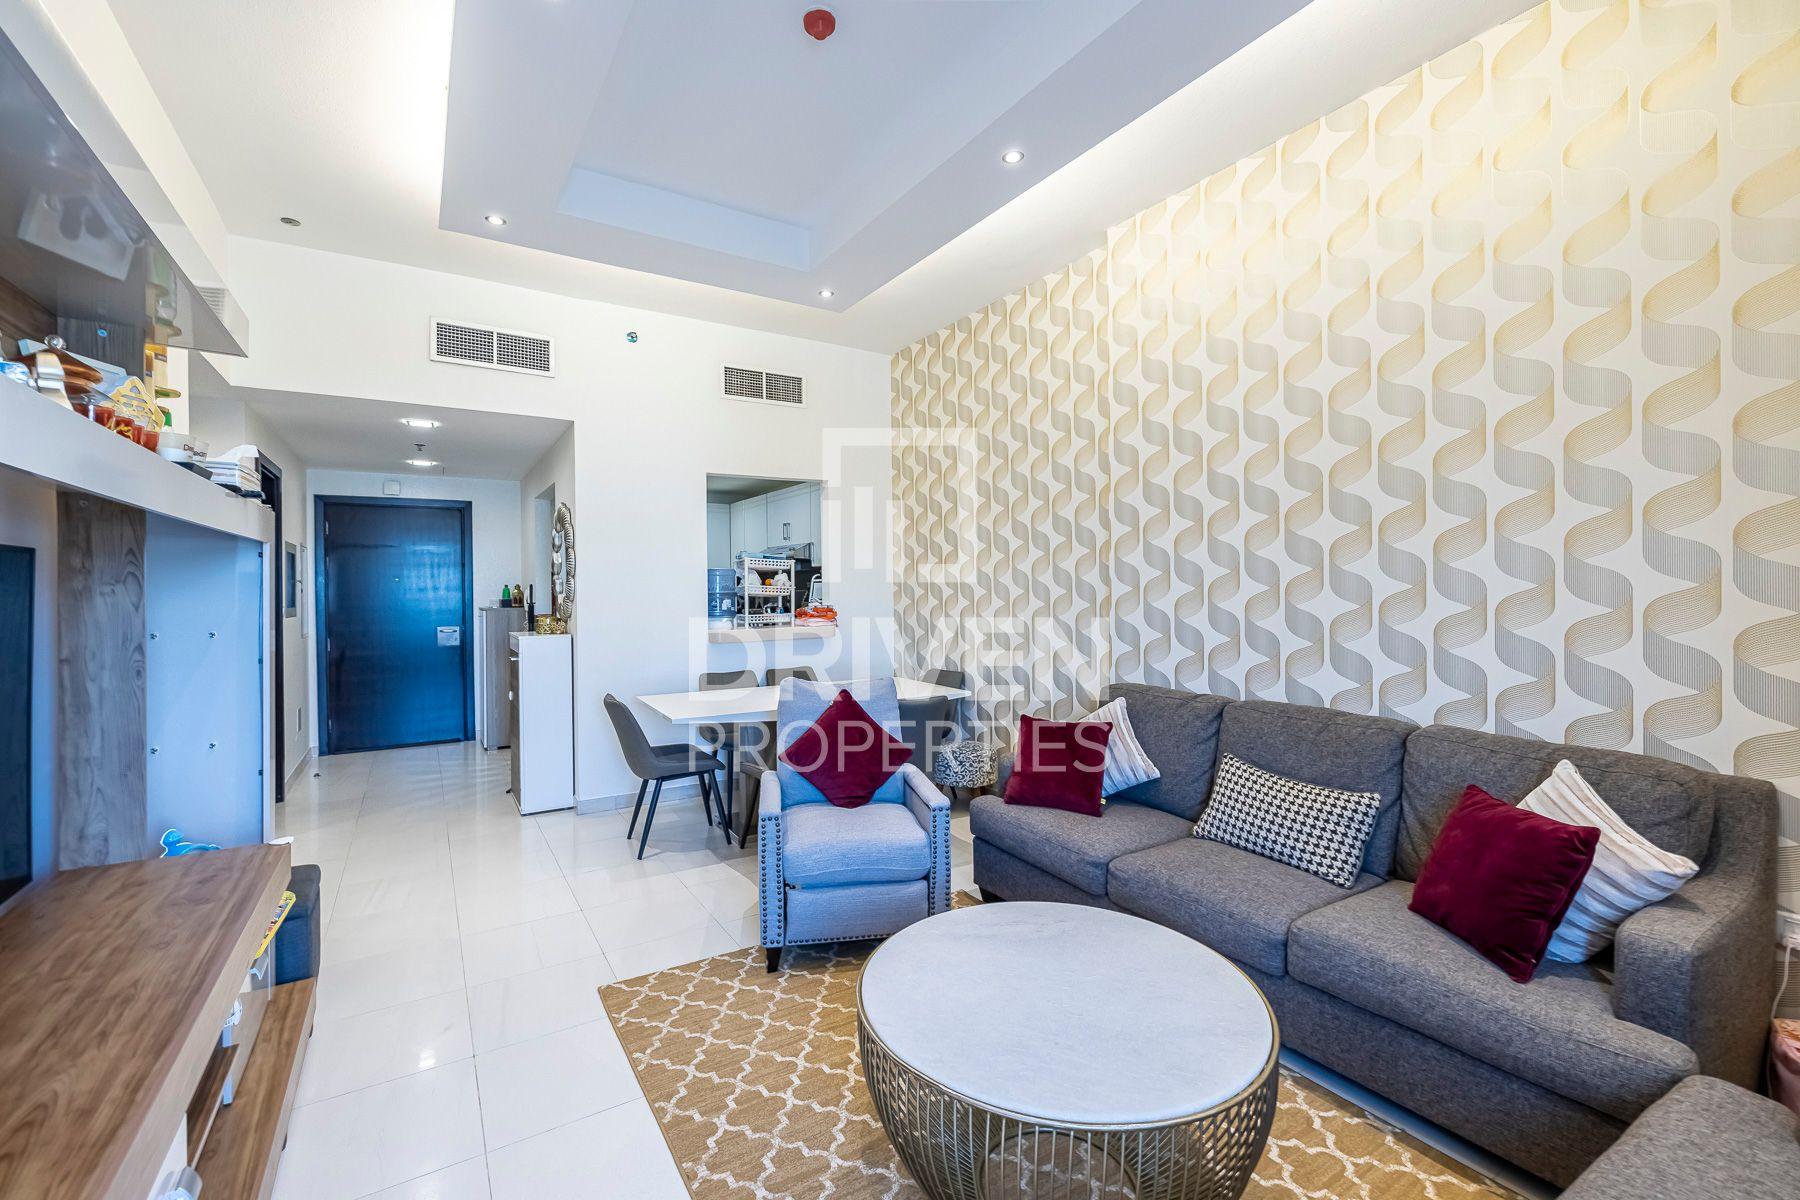 1,144 قدم مربع  شقة - للبيع - واحة السيليكون